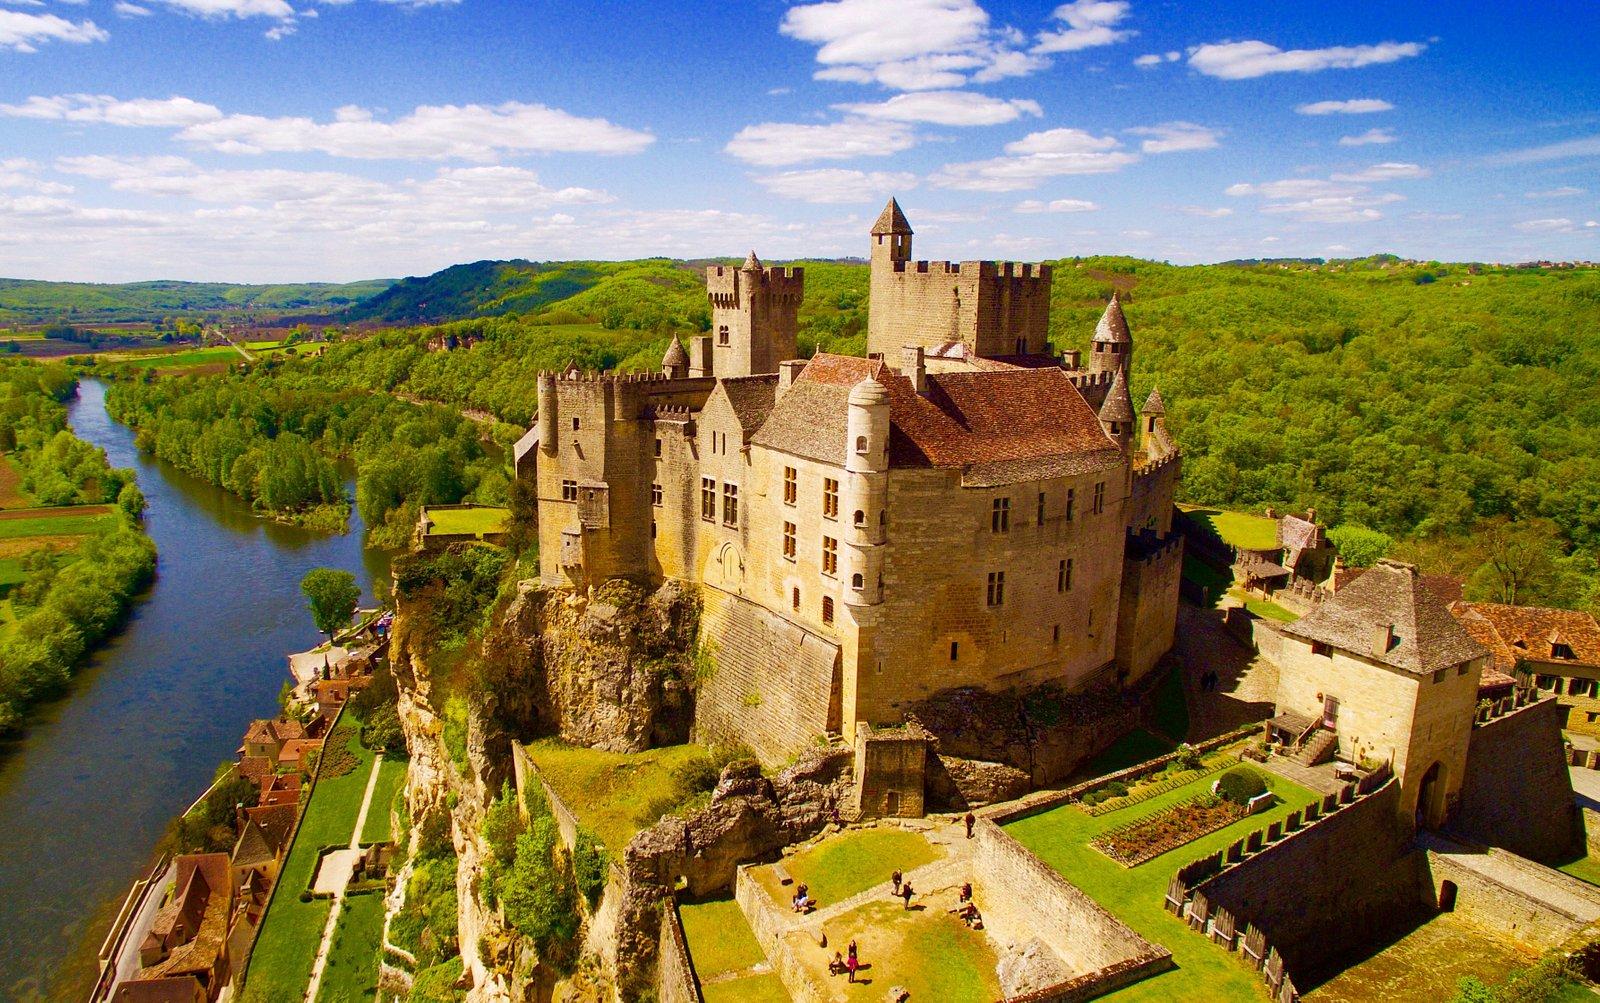 Château de Beynac, Forteresse Médiévale entre ciel et terre